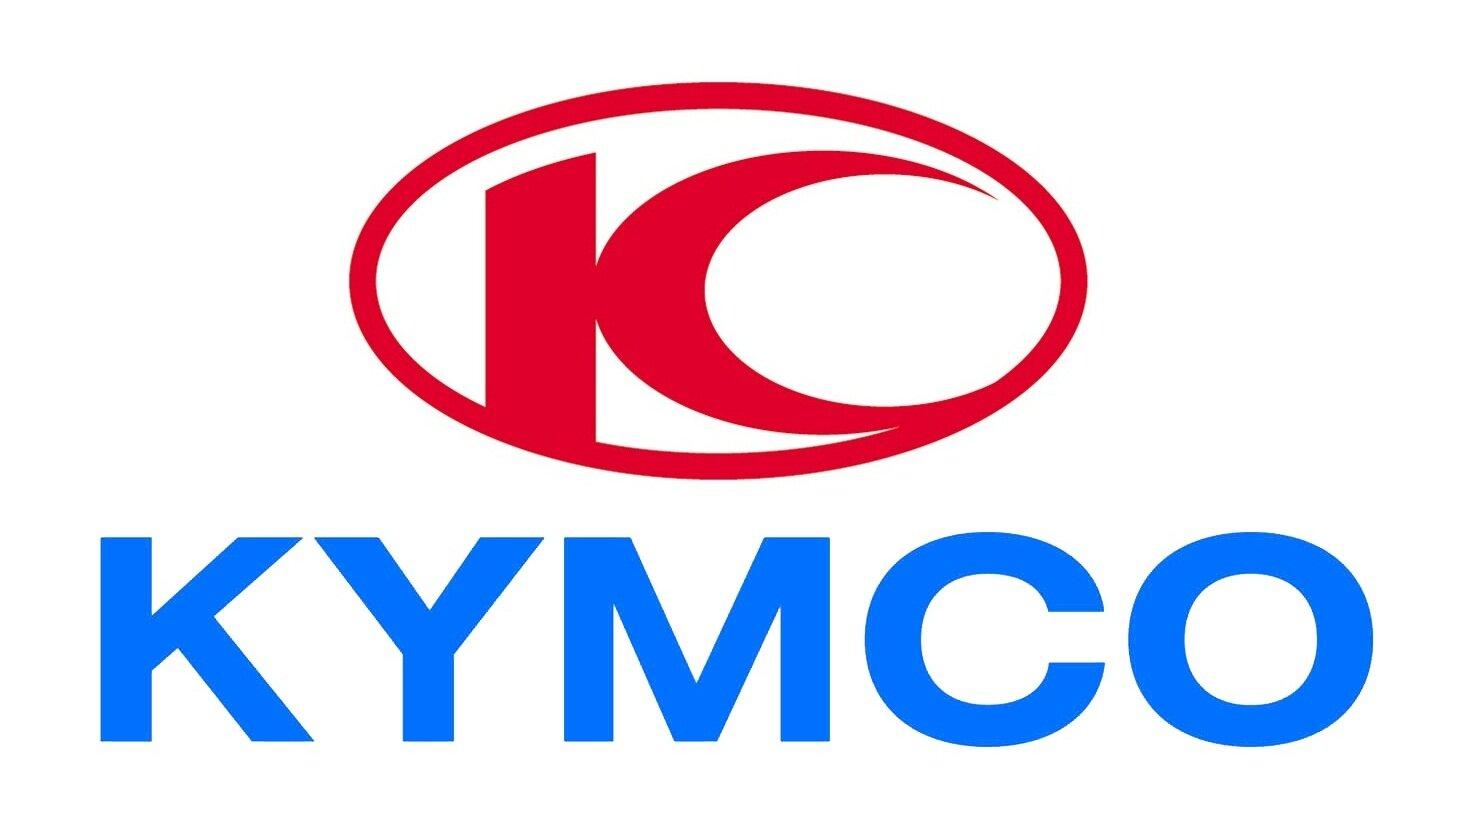 Bảng giá xe máy Kymco chính hãng rẻ nhất thị trường tháng 2/2017